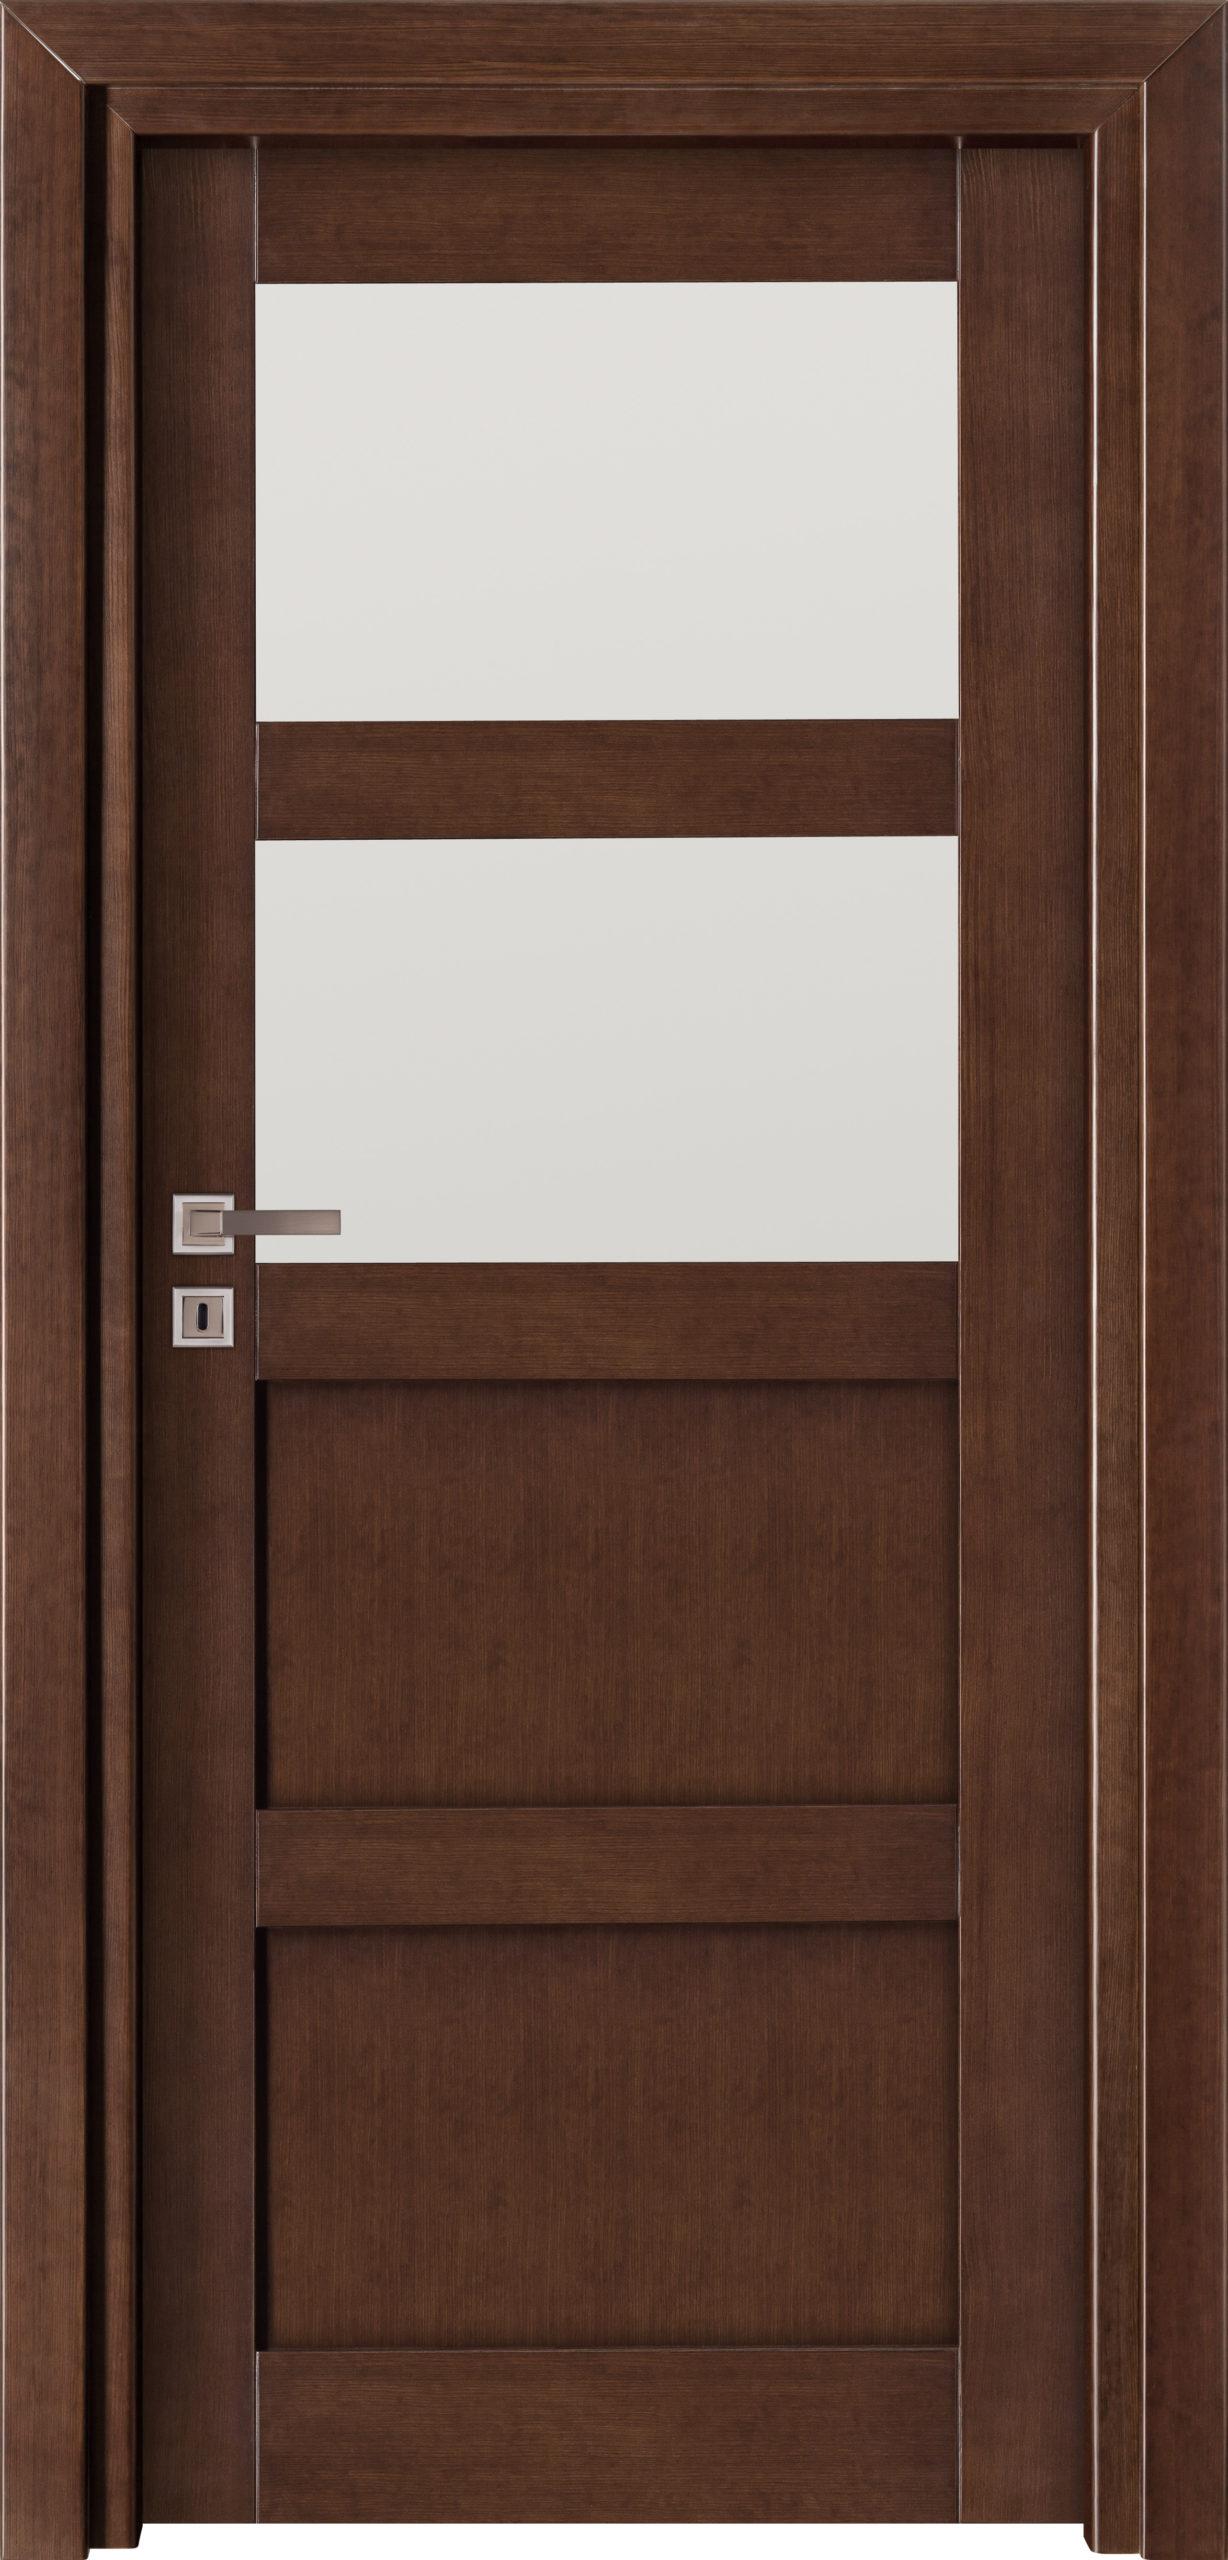 Manhattan A14 - jesion - jasny orzech - szklenie lacomat bezpieczny - ościeżnica przylgowa regulowana drewniana prosta (IIa)